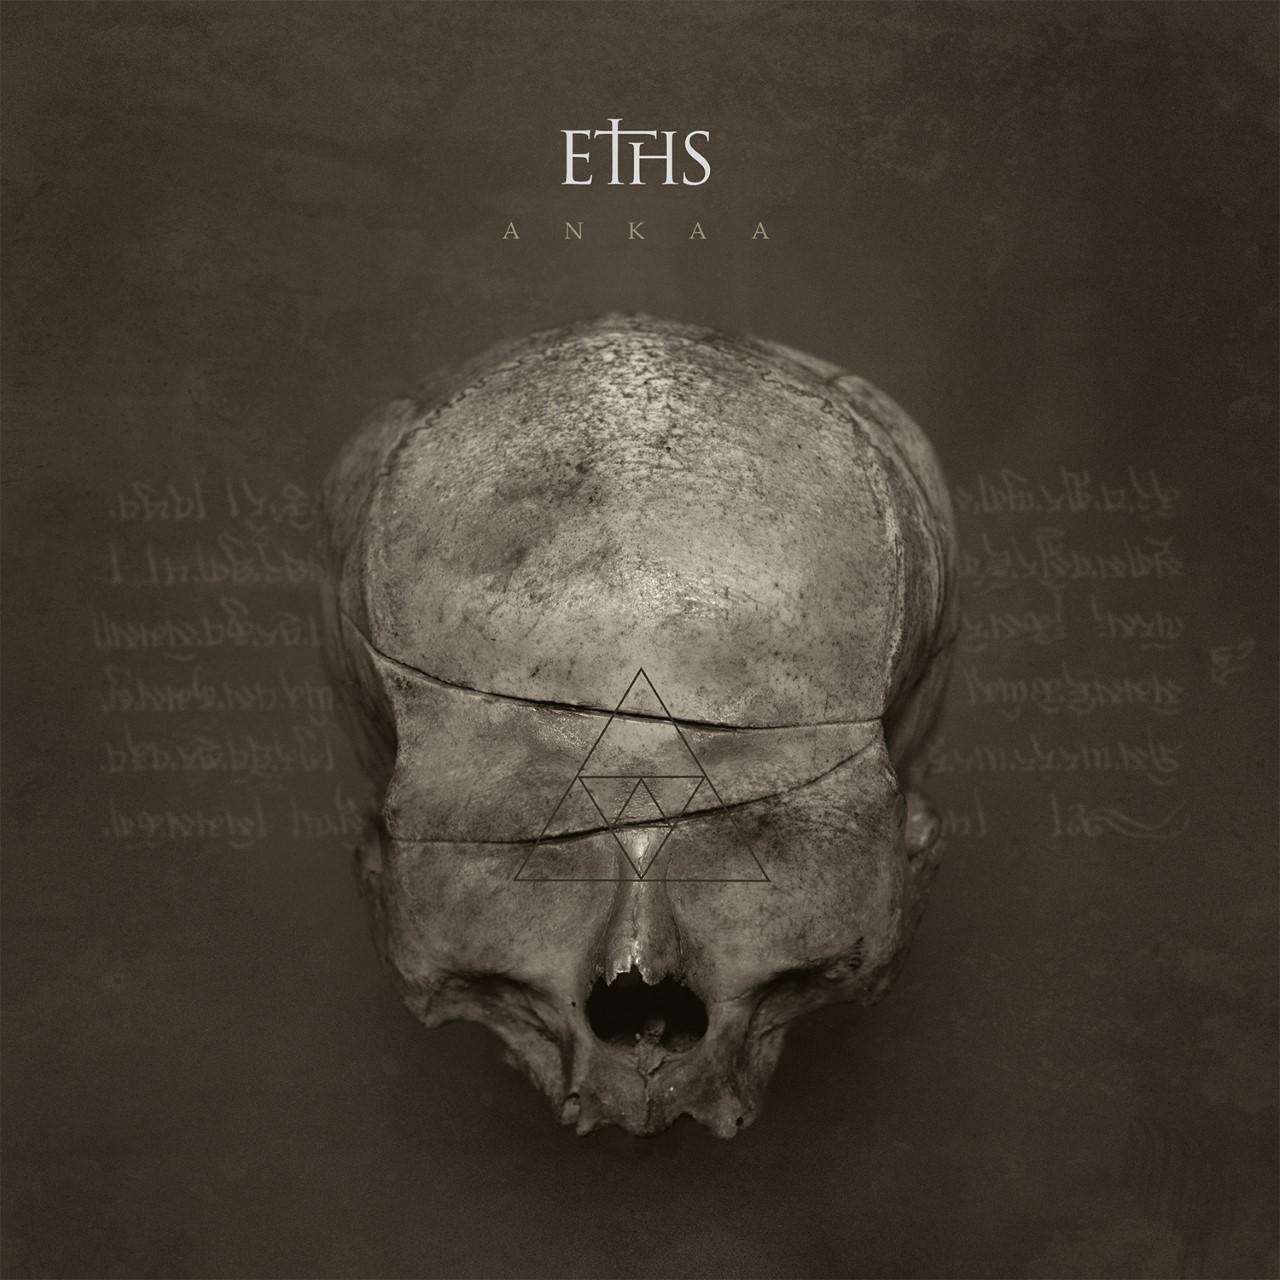 Eths-1500X1500px-300dpi-RGB